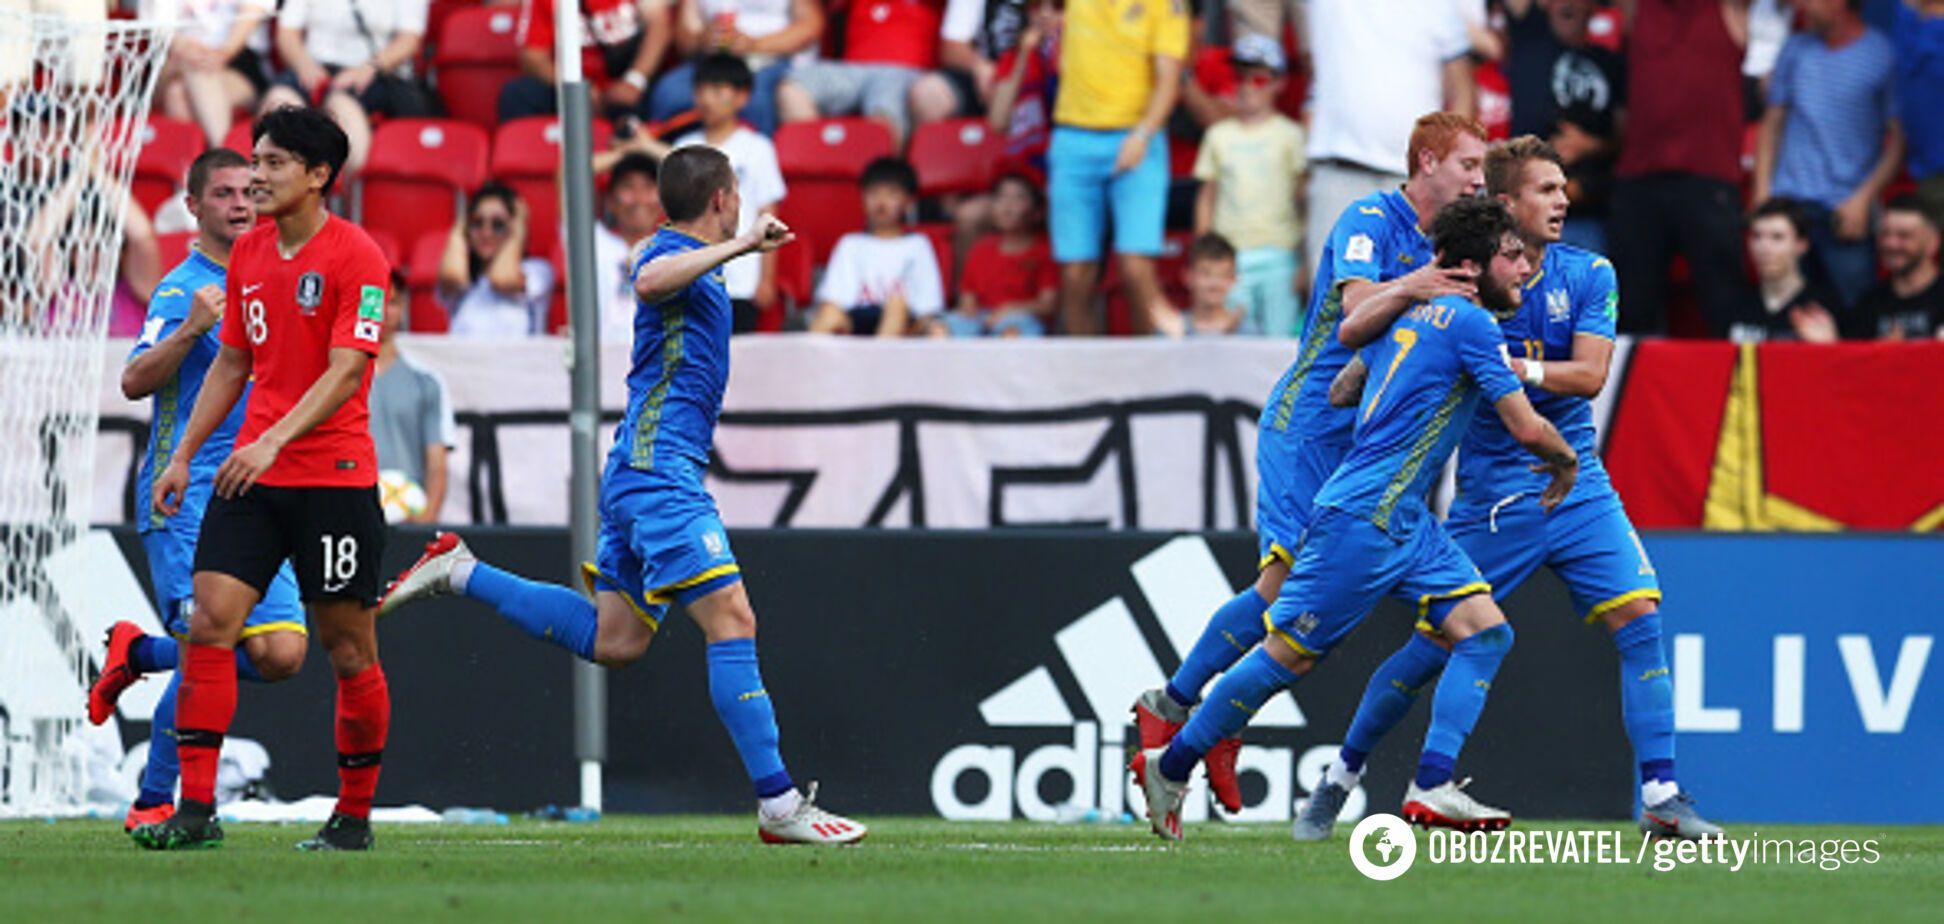 Украина выиграла ЧМ по футболу U-20: обзор спортивных СМИ